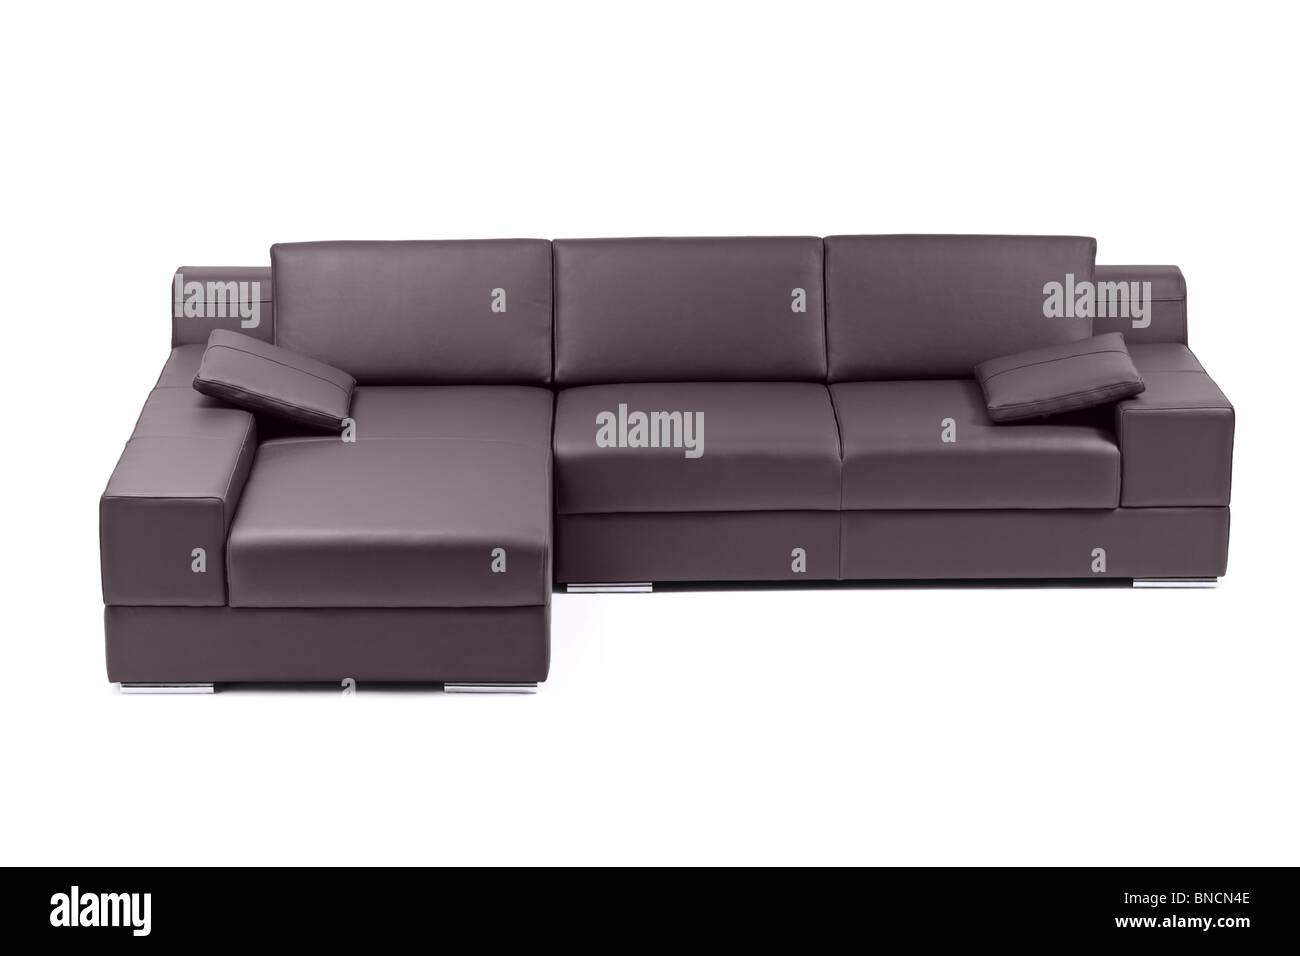 Moderni divani in pelle nera Immagini Stock